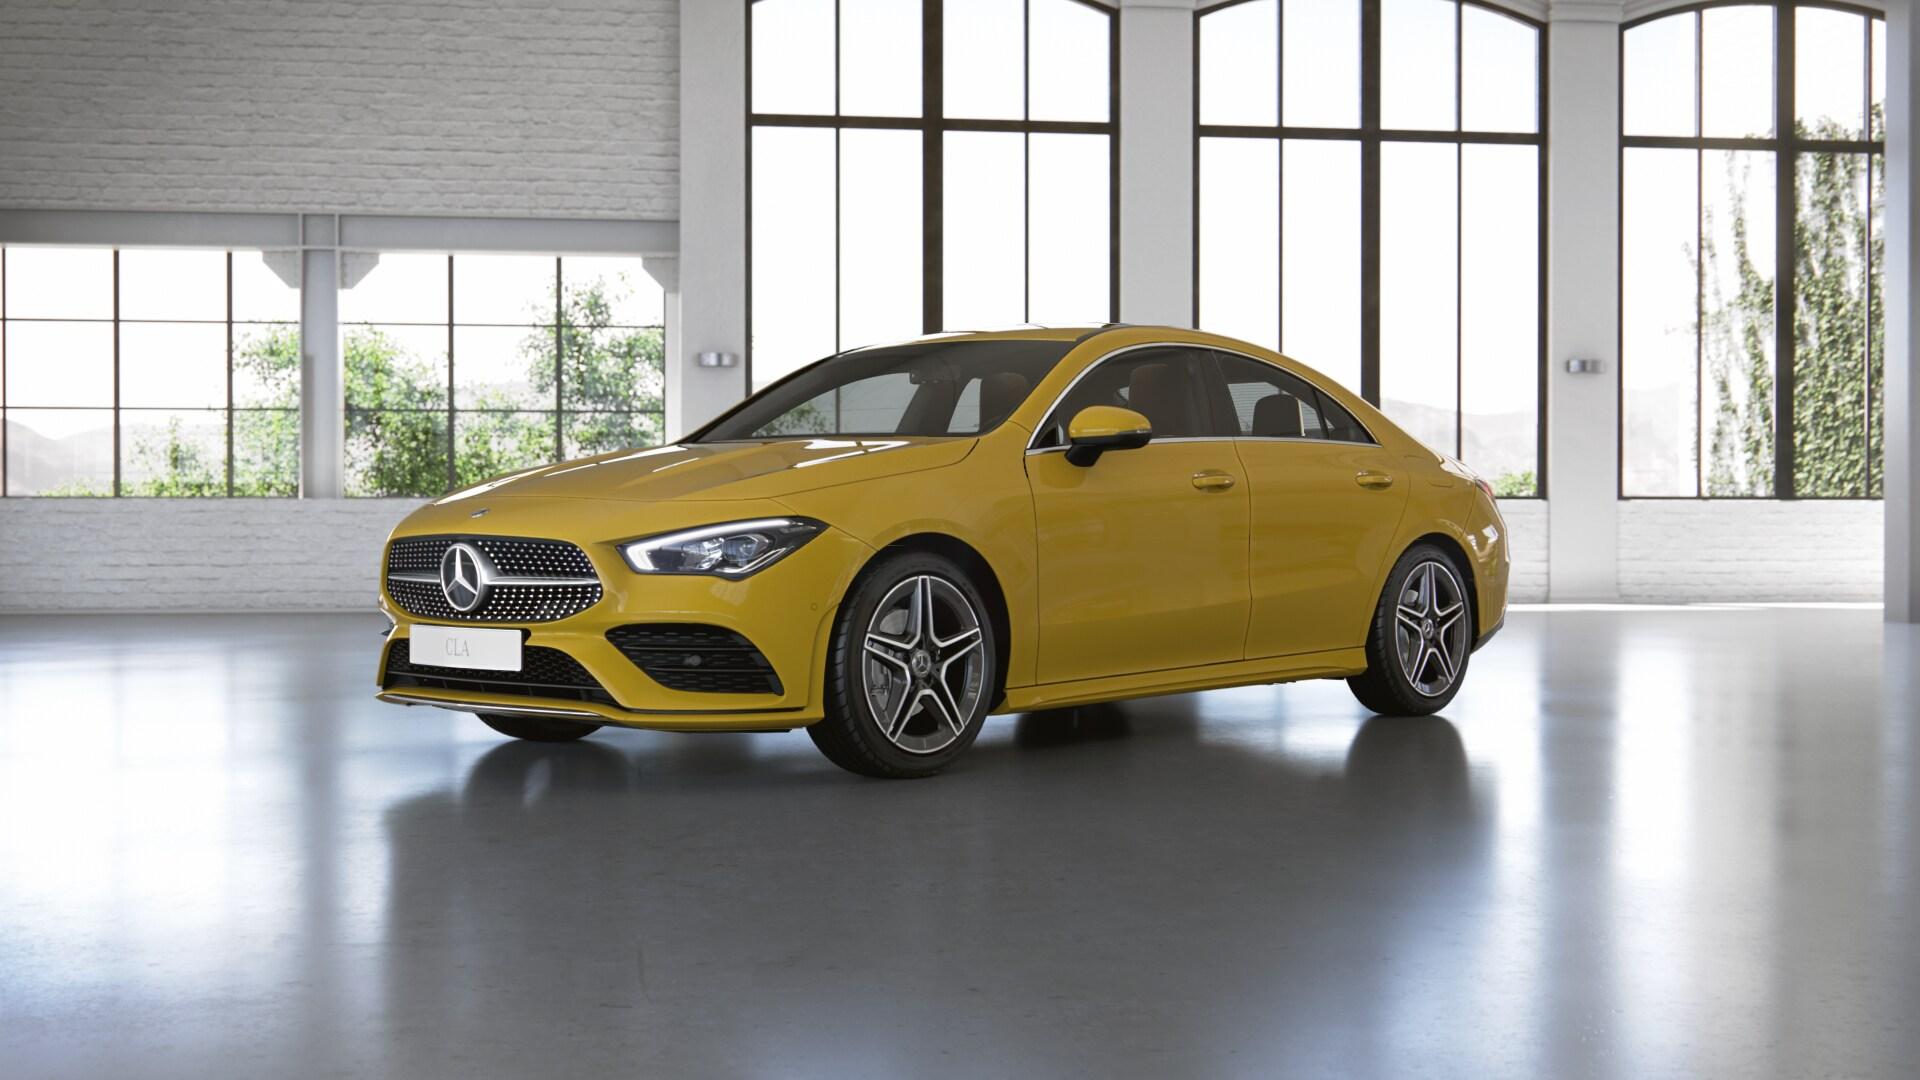 Mercedes-Benz CLA CLA 200 2020 - комплектация и фото: Робот коробка передач, бензиновый двигатель, цвет: Желтое солнце у официальных дилеров в Всей России 171828